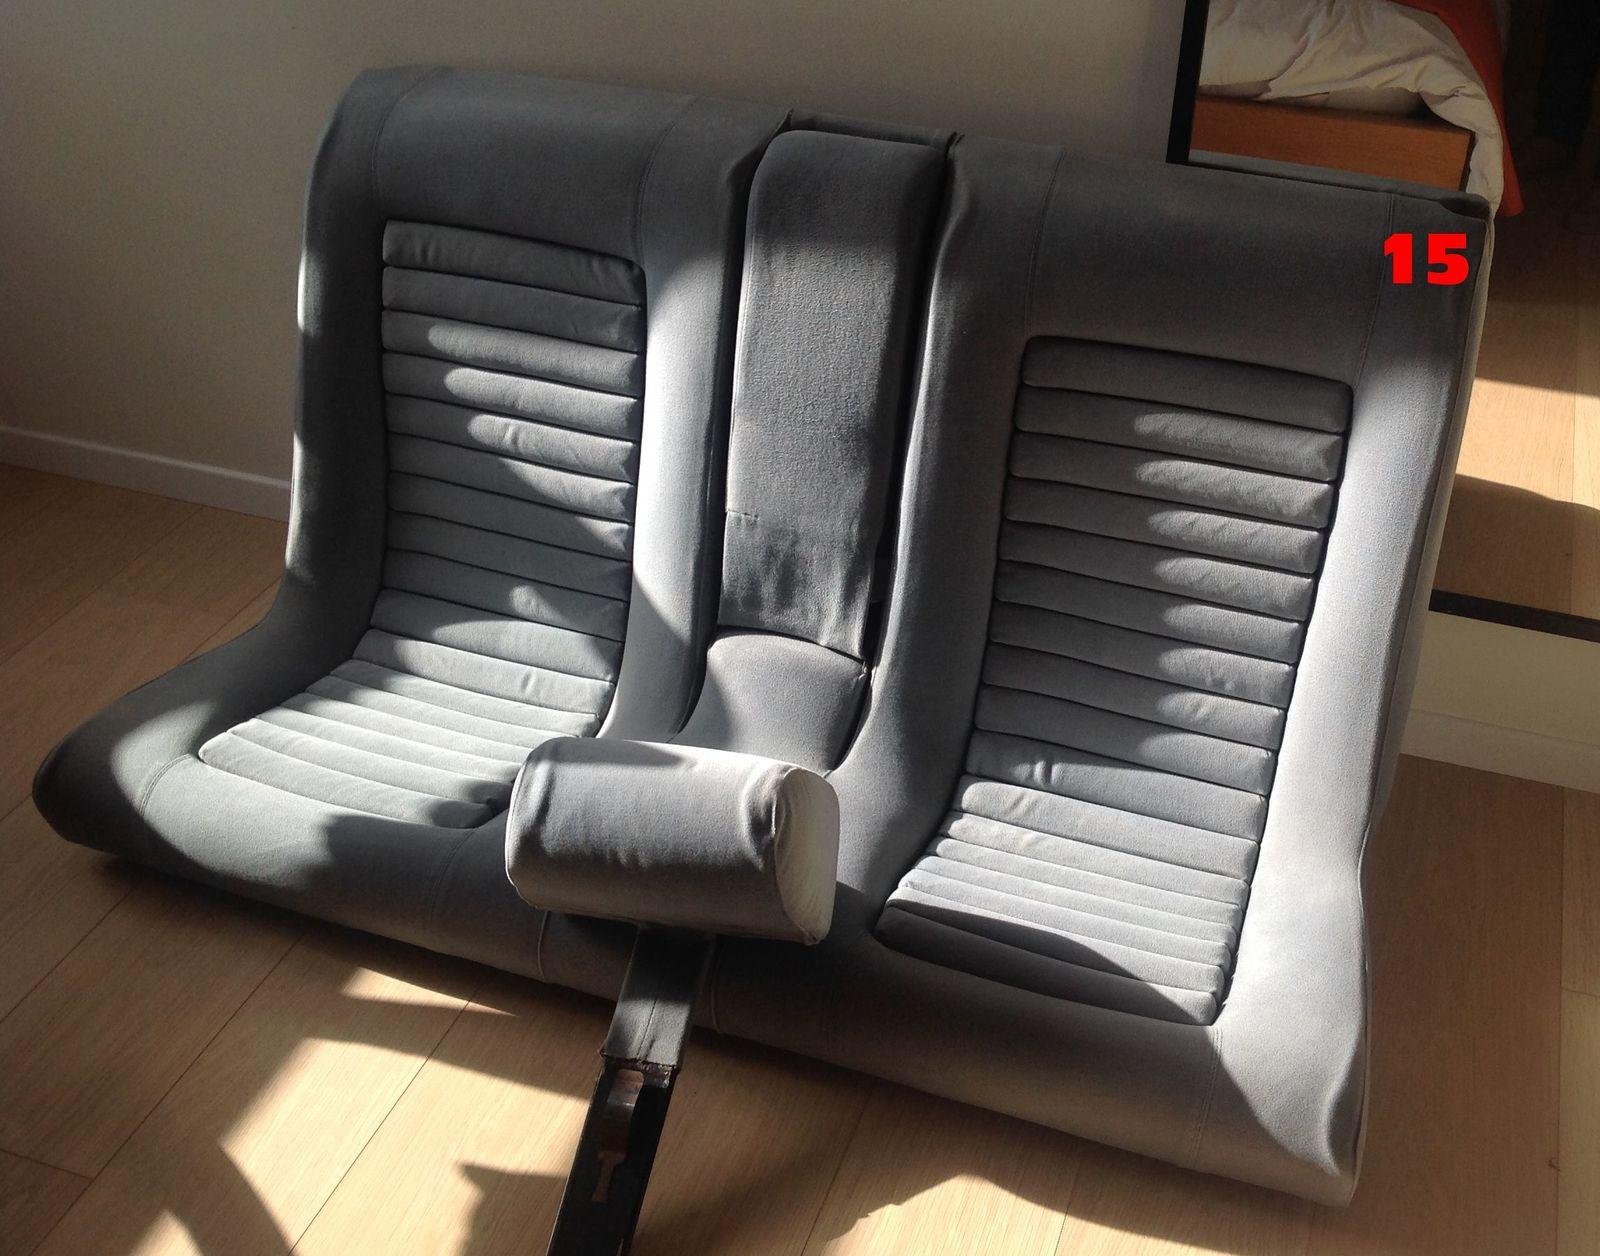 - Échange et nettoyage des sièges en tissus